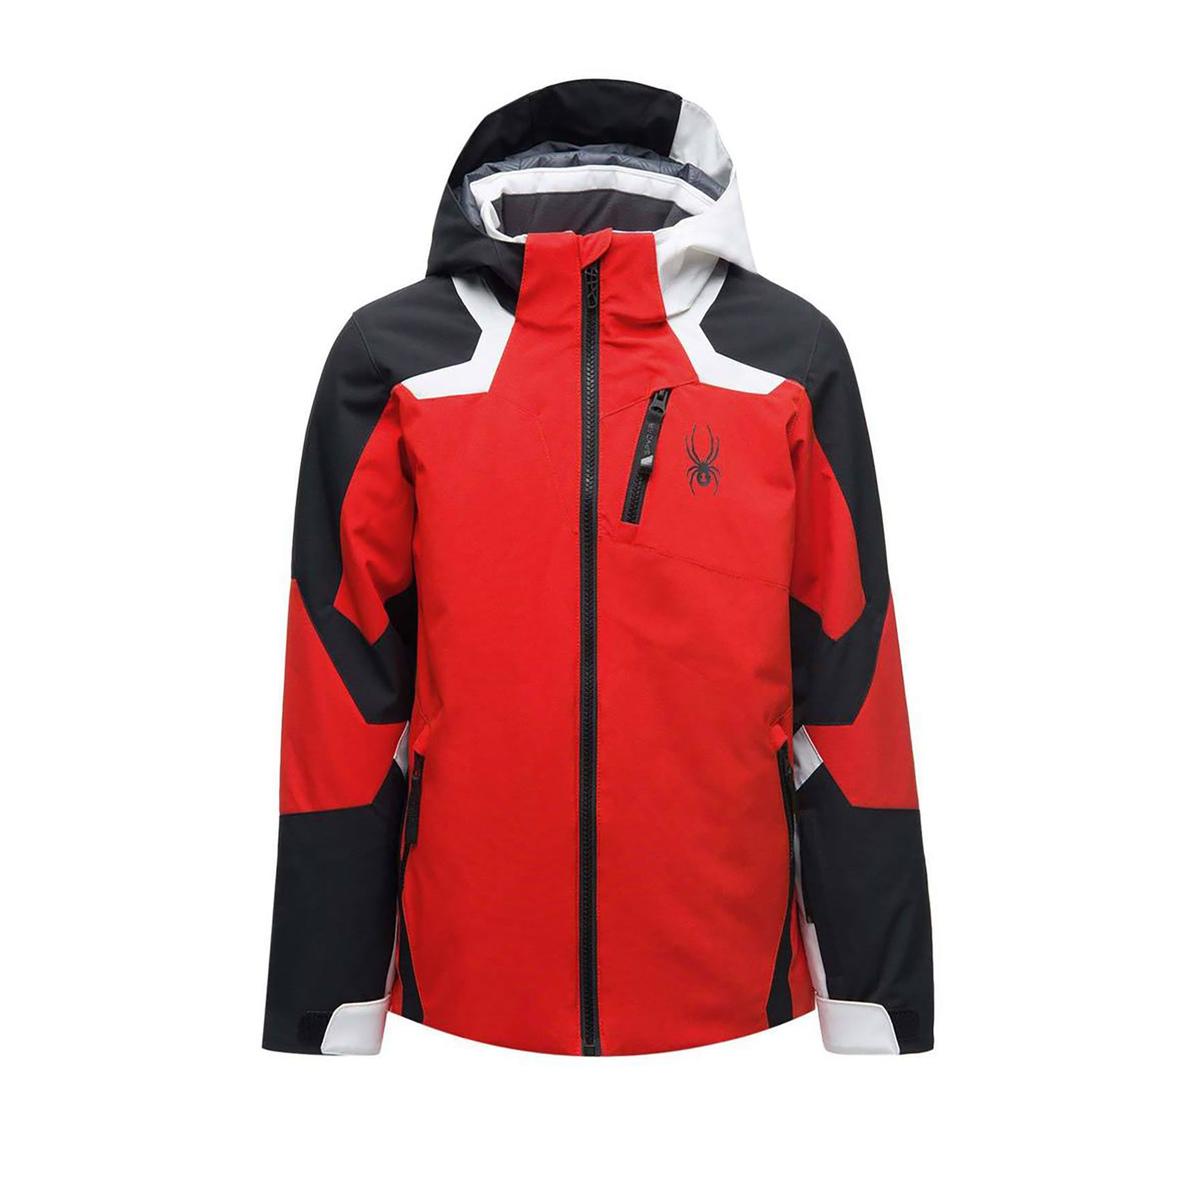 Prezzi Spyder completo giacca leader + pantaloni propulsion bambino